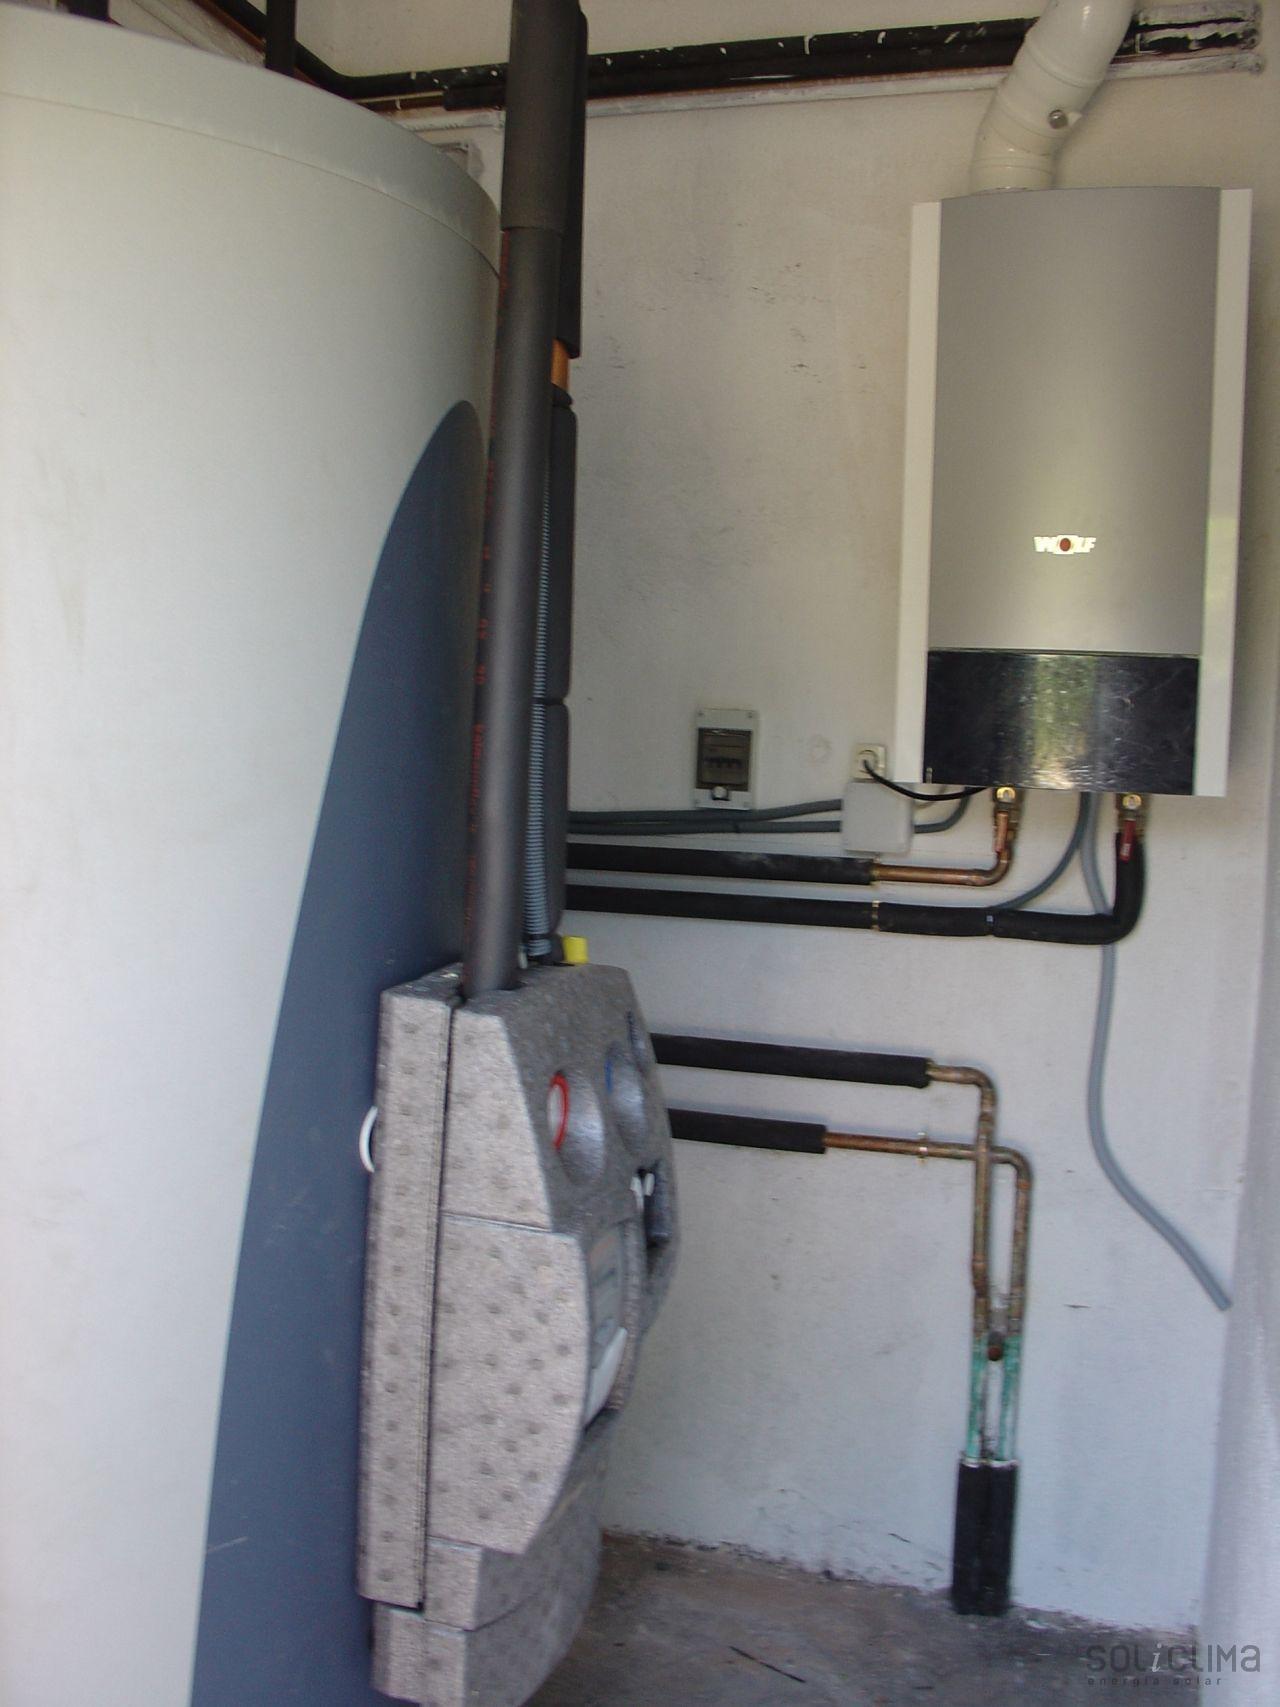 suelo radiante  agua caliente y calefacci u00f3n solar con